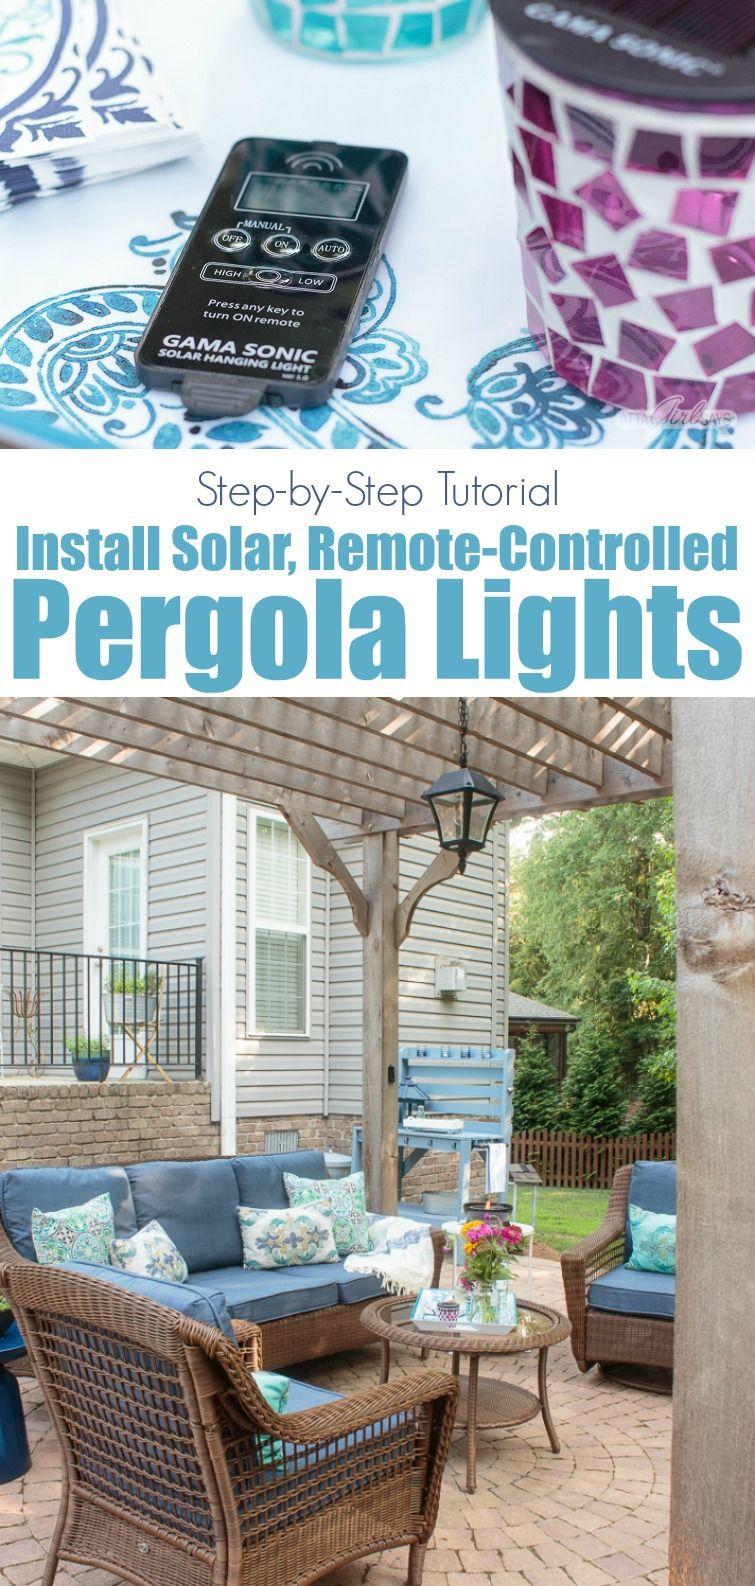 Outdoor Solar Lighting for Pergolas, Porches & Gazebos | OGT Blogger ...